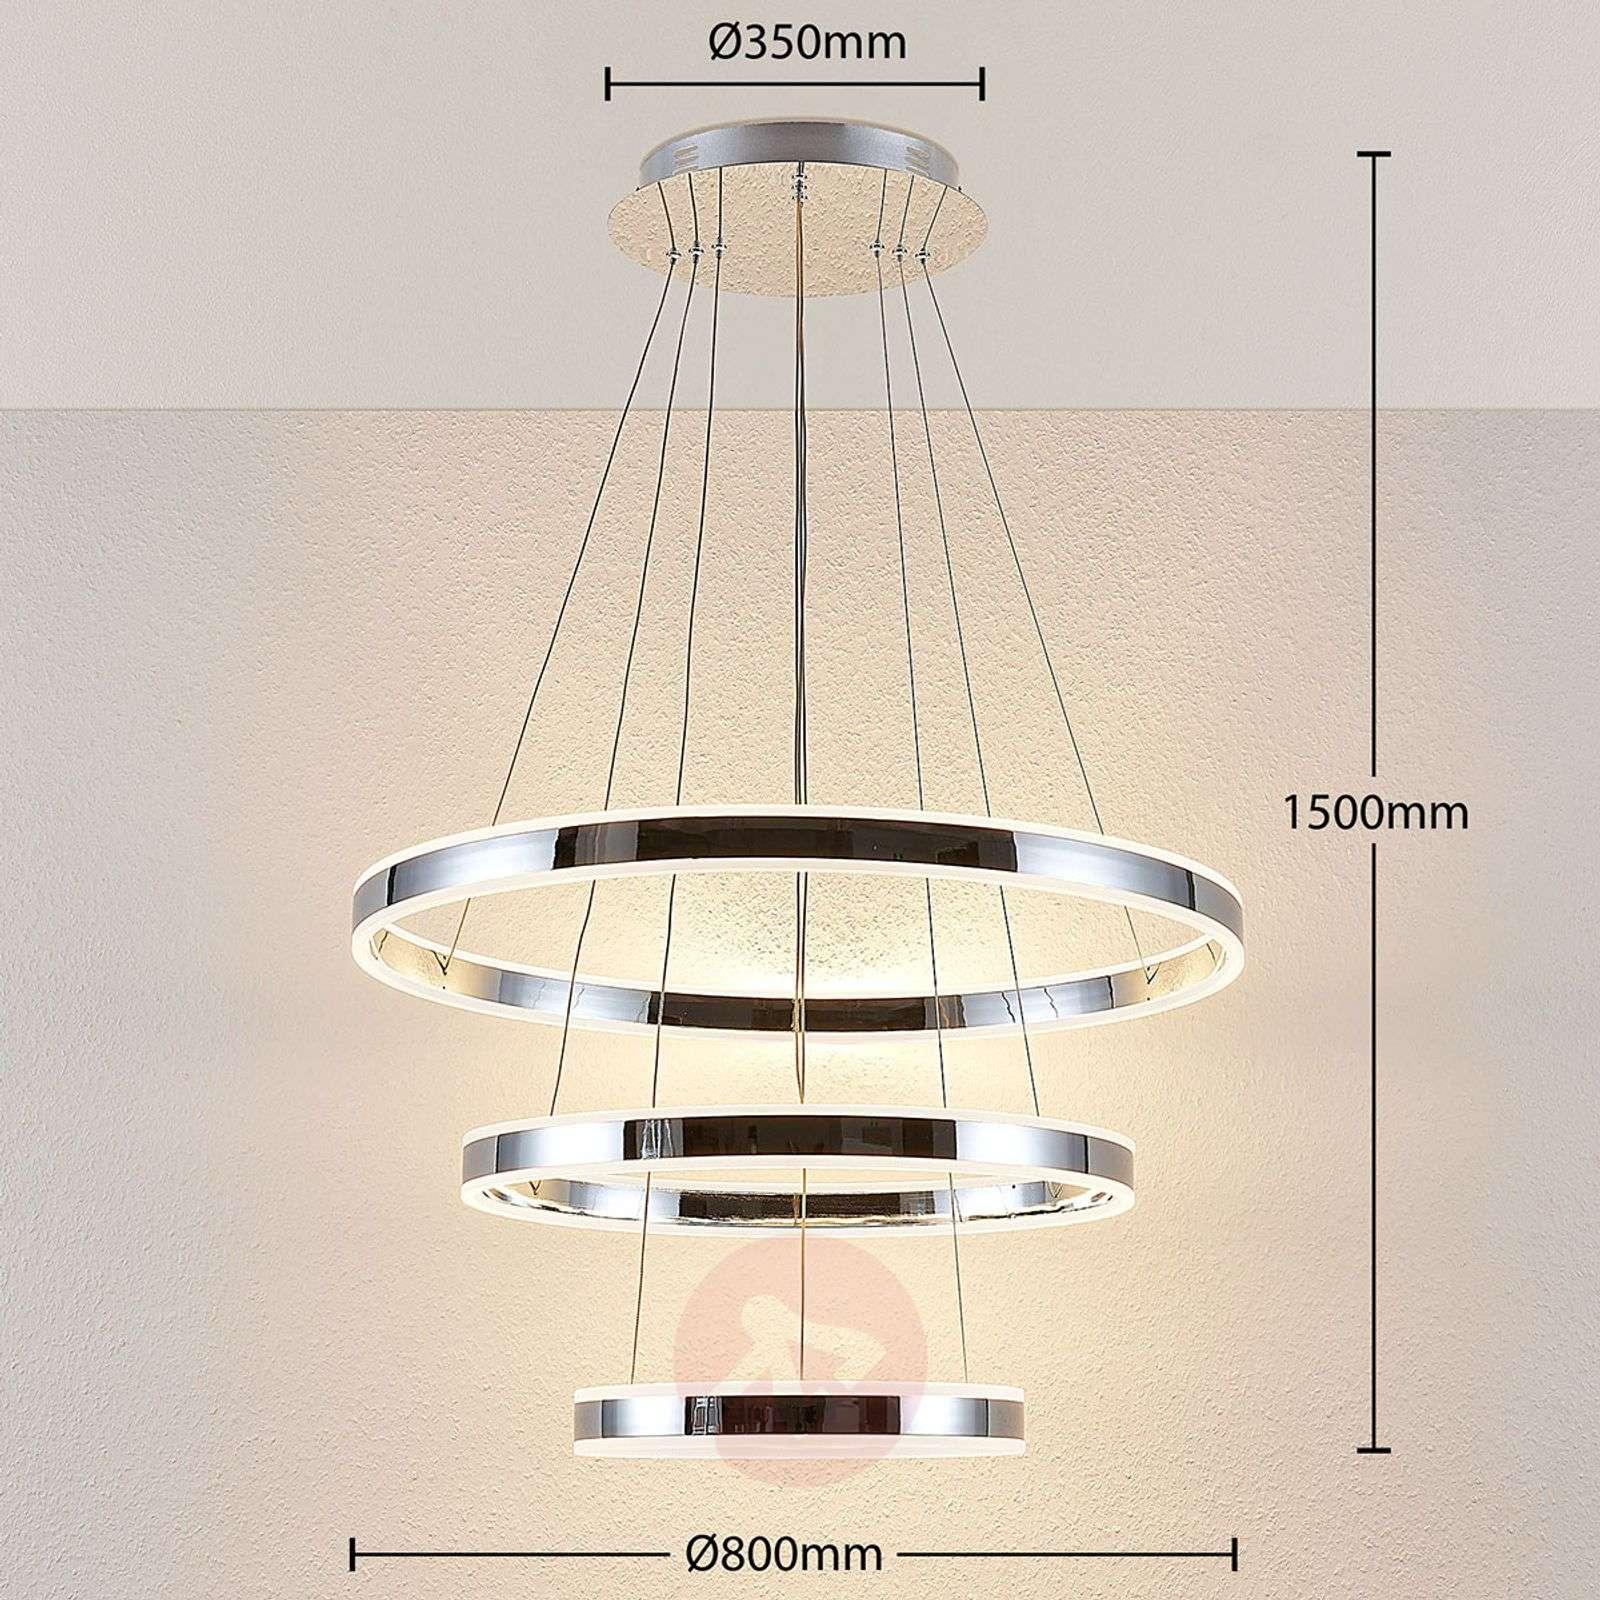 LED-riippuvalaisin Lyani, 3 rengasta allekkain-9621979-02